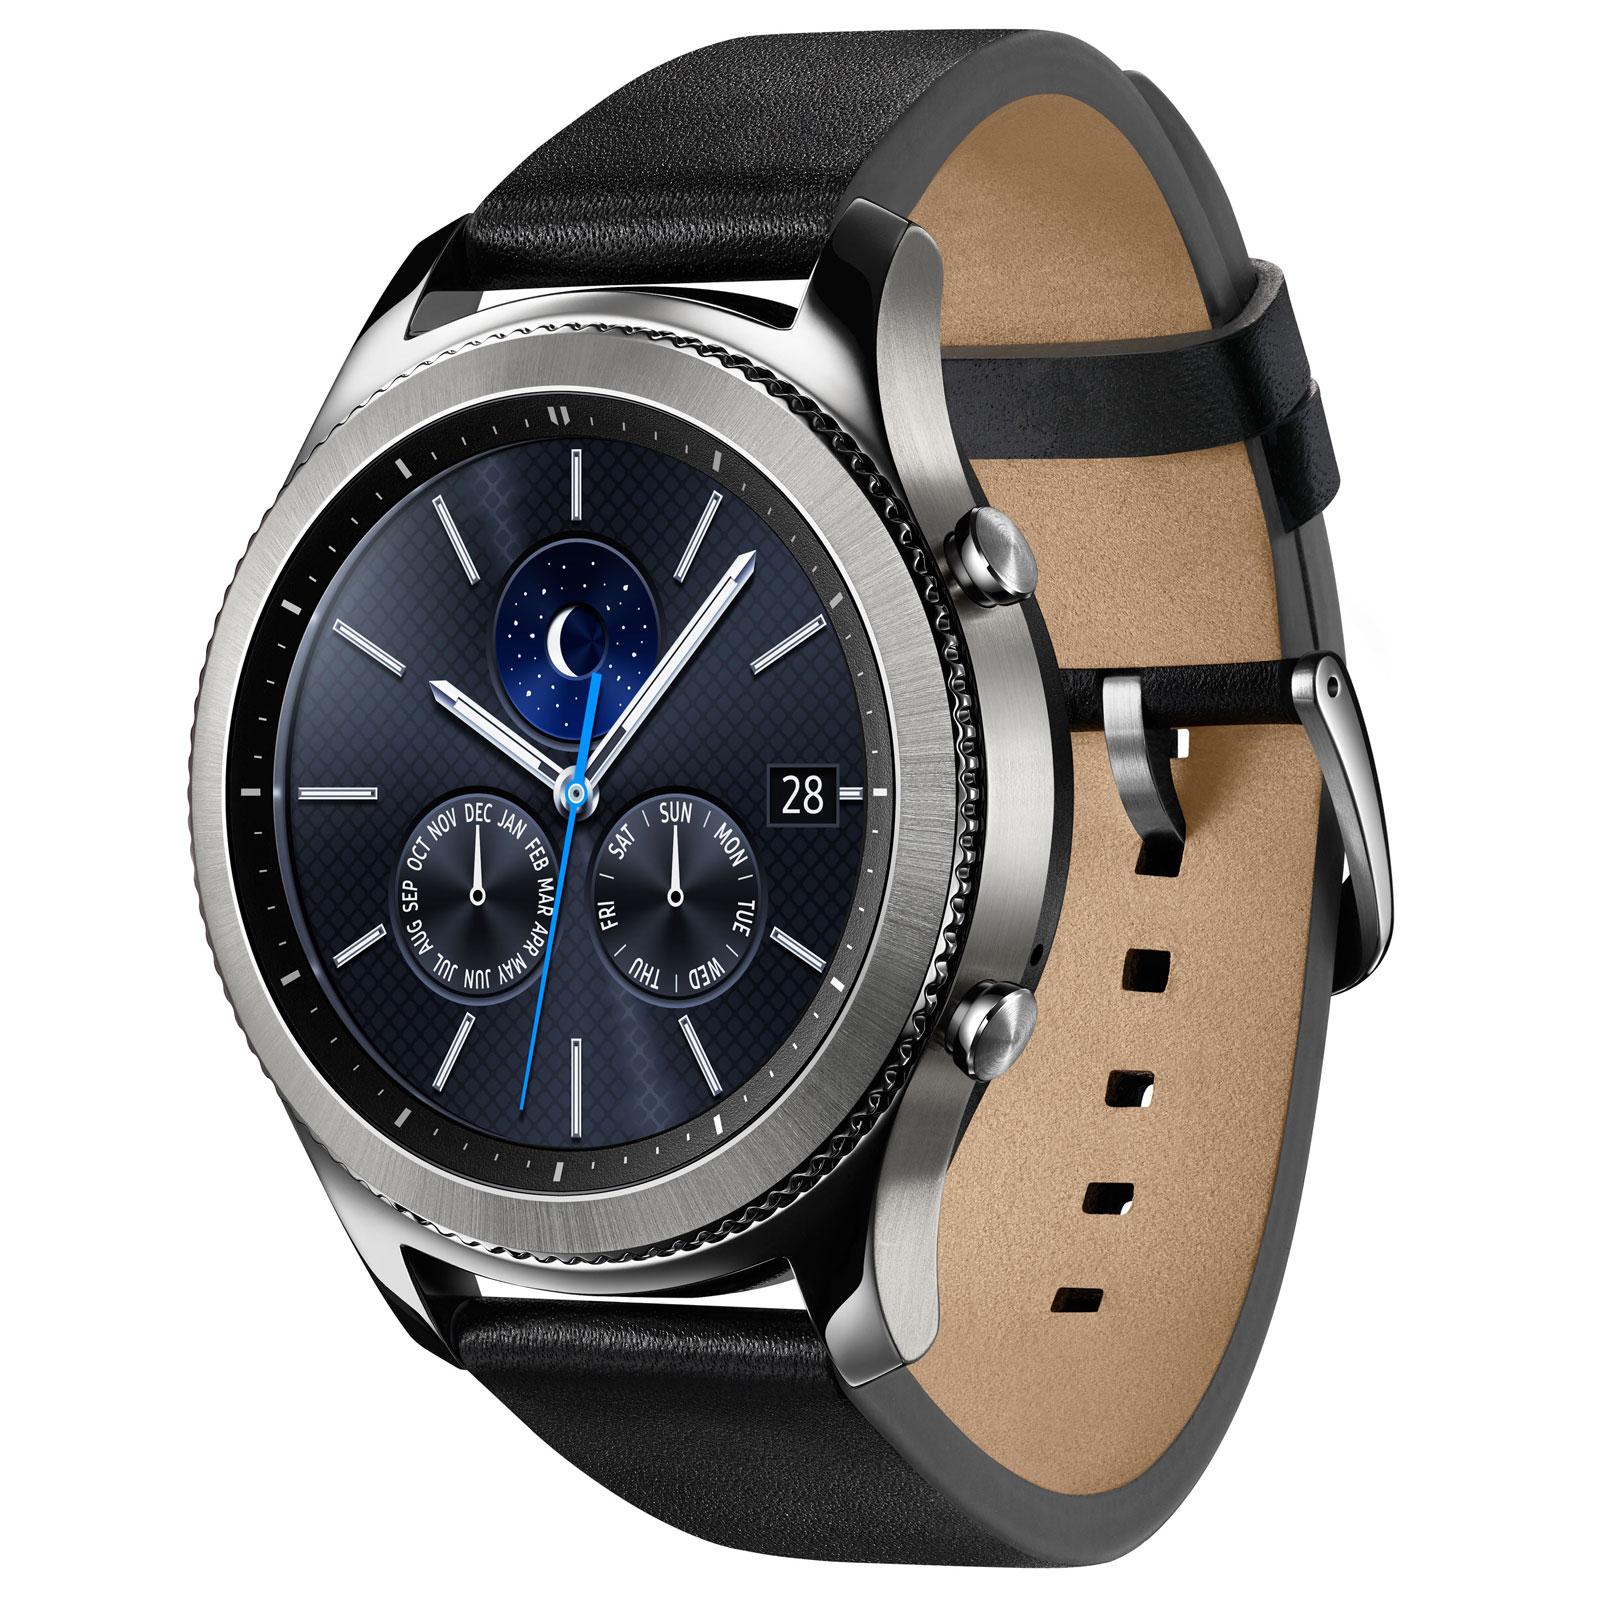 Montre \u0026 Bracelets connectés Samsung Gear S3 Classic Argent Montre  connectée certifiée IP68 avec écran Super